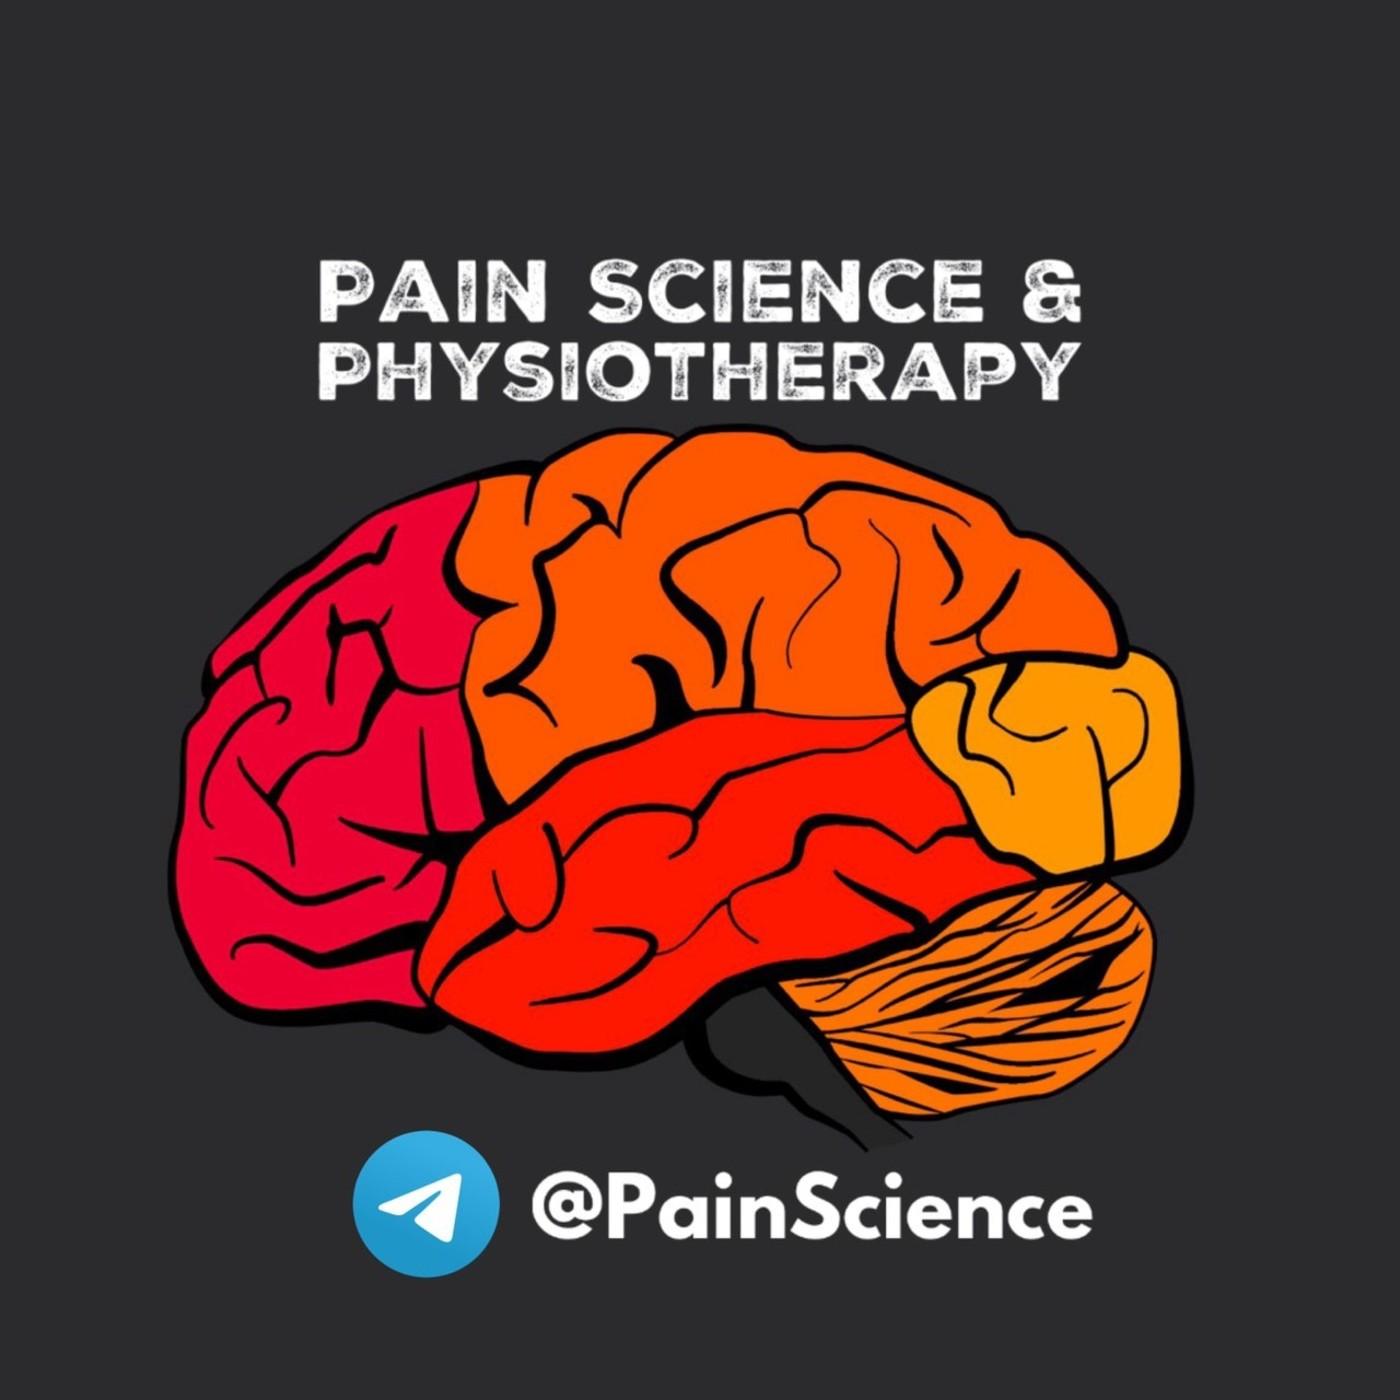 PainScience&Physio